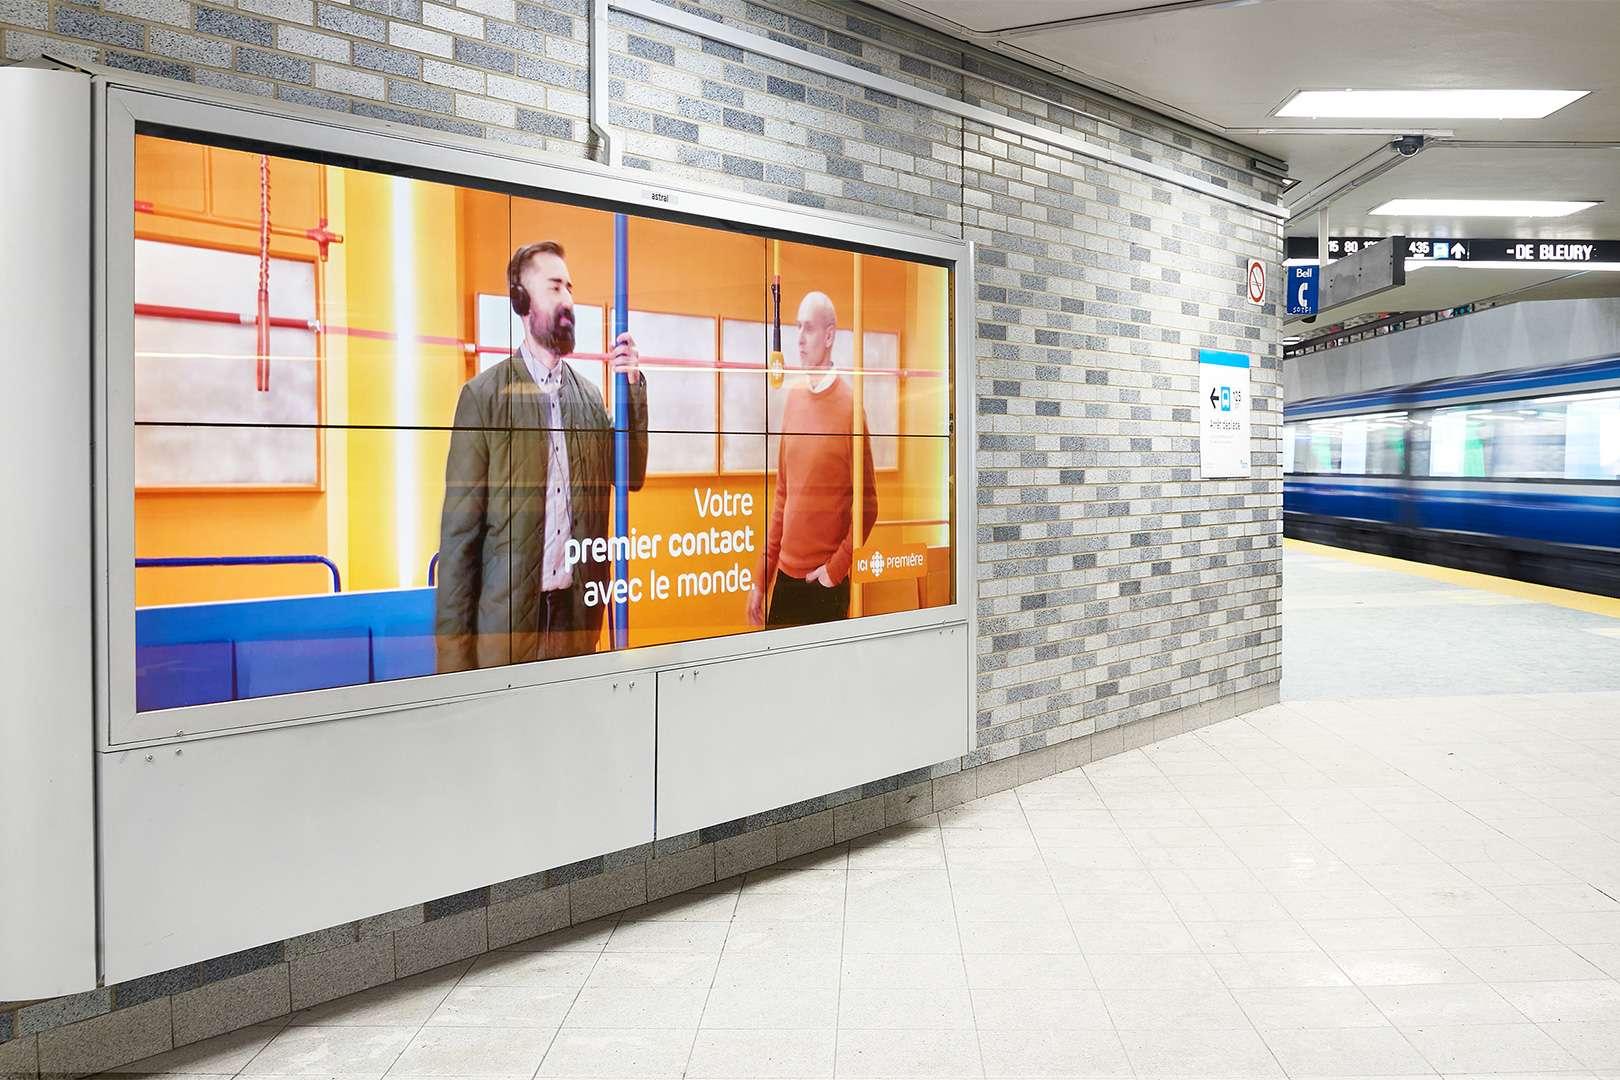 campagne d'affichage des publicités pour ICI Première par Simon Duhamel à la station Place-des-Arts